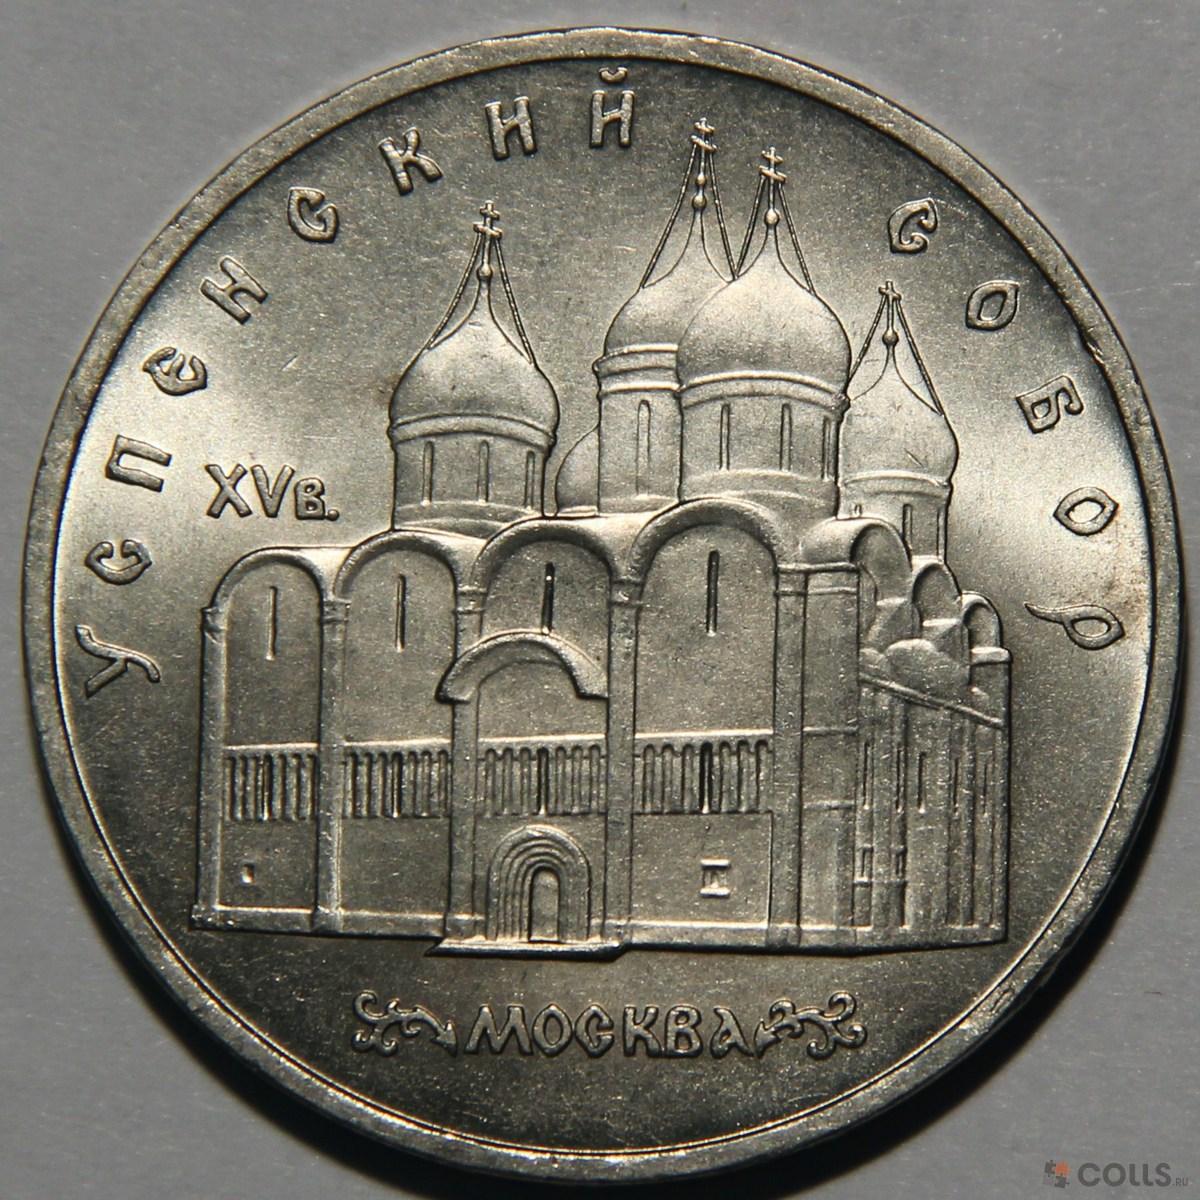 5 рублей 1990 1997 год сша 1 доллар proof мемориал правоохранительных органов